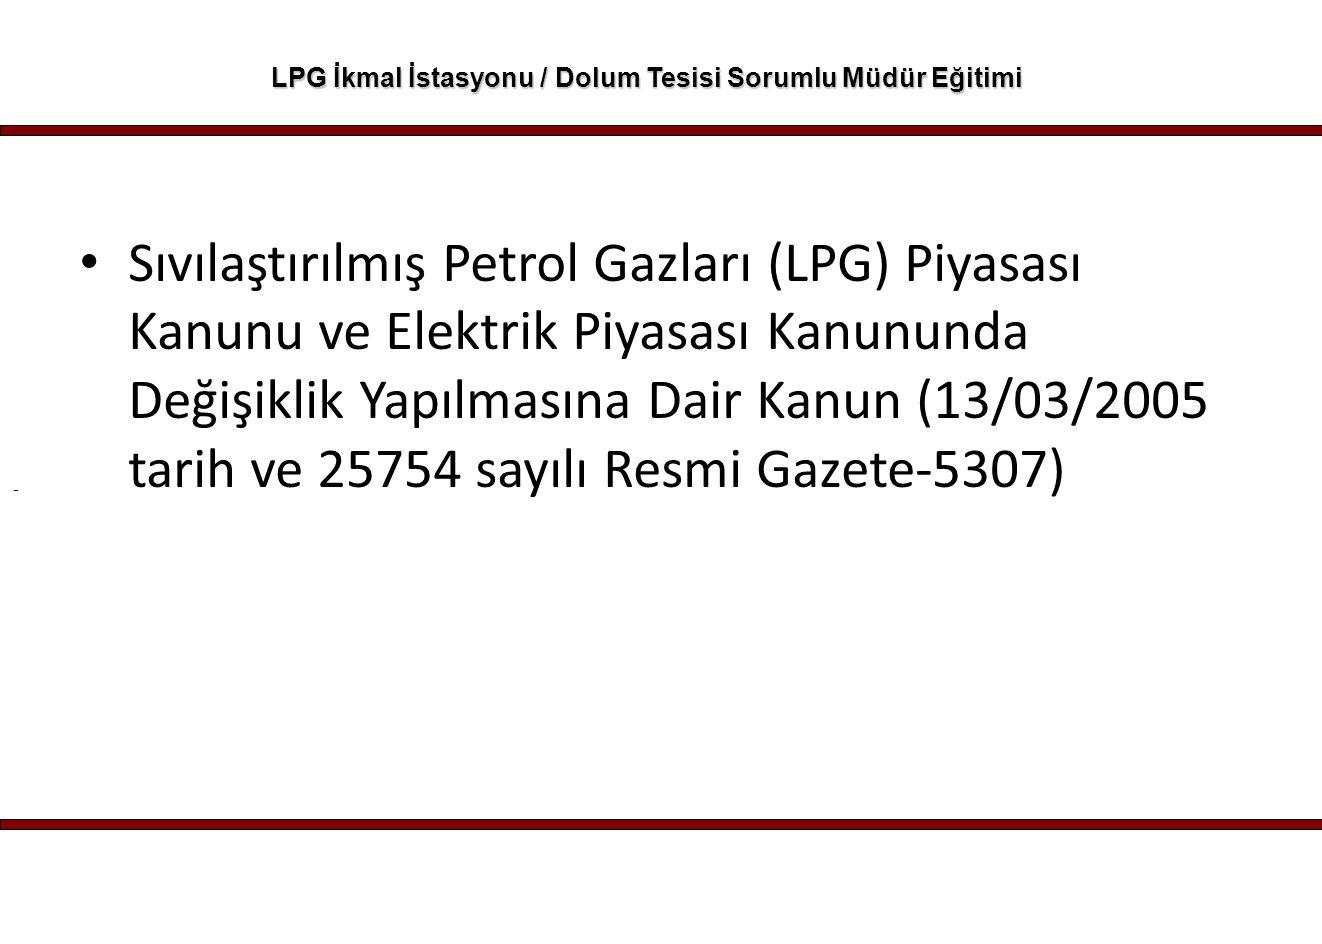 - LPG İkmal İstasyonu / Dolum Tesisi Sorumlu Müdür Eğitimi Eğitim İçin Katılım Koşulları Sorumlu Müdür eğitimlerine, Oda üyeleri katılır.